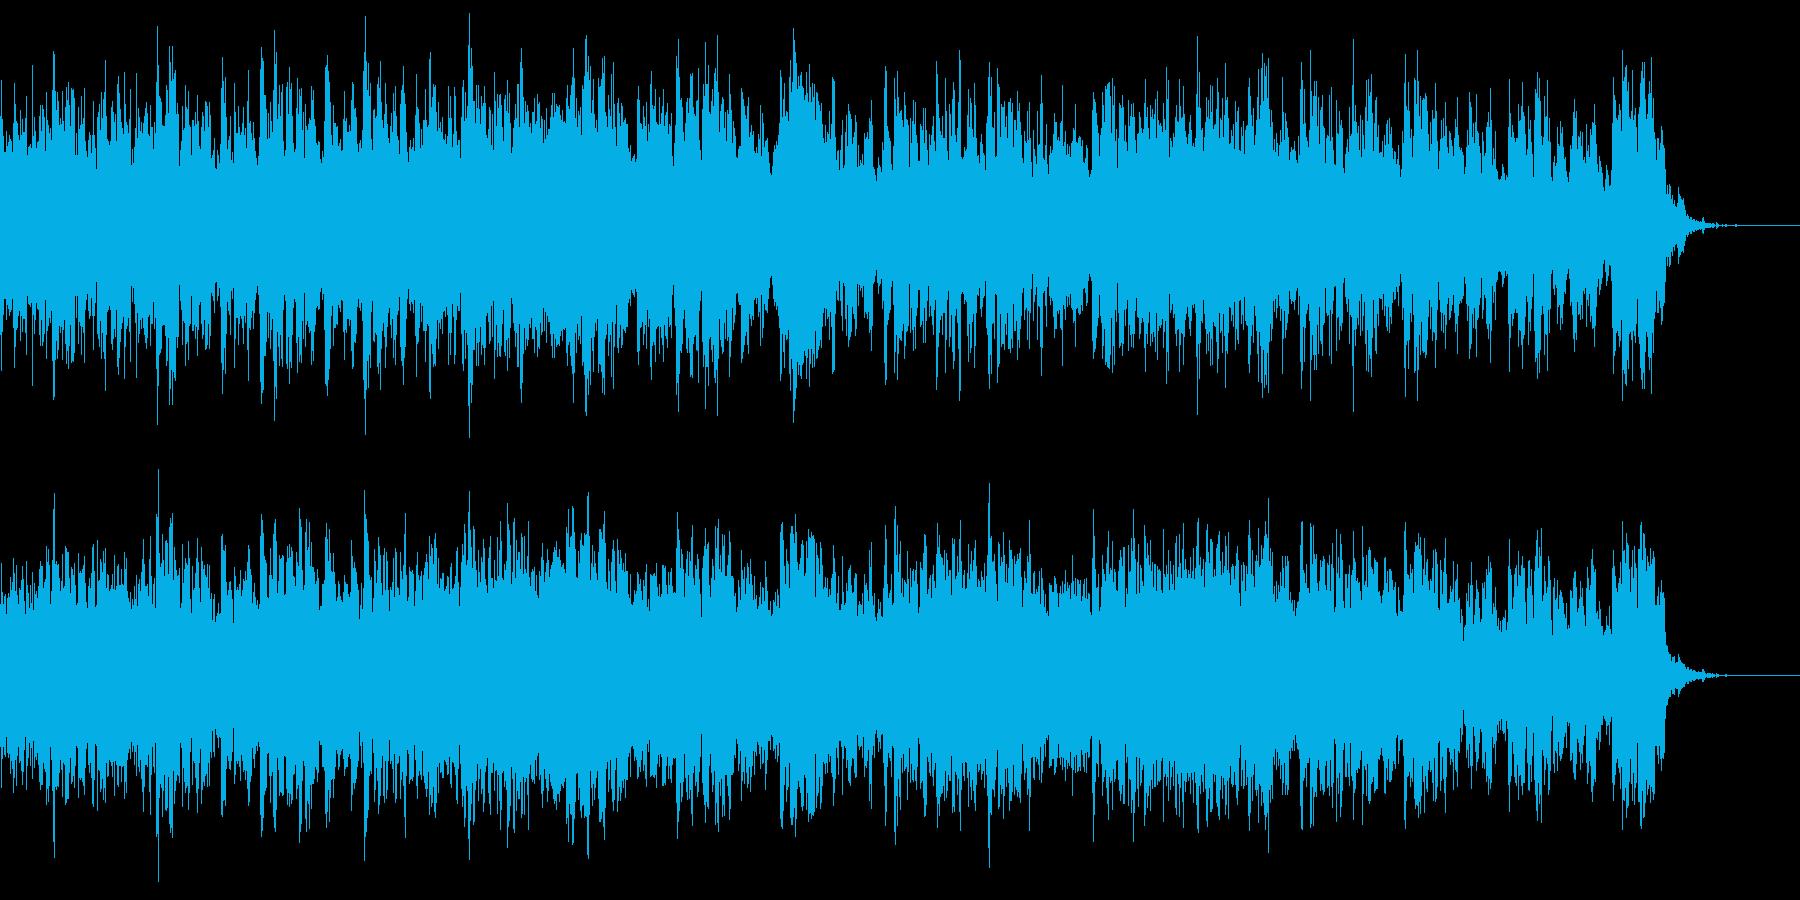 特殊なボーカルのホラーなサウンドスケープの再生済みの波形